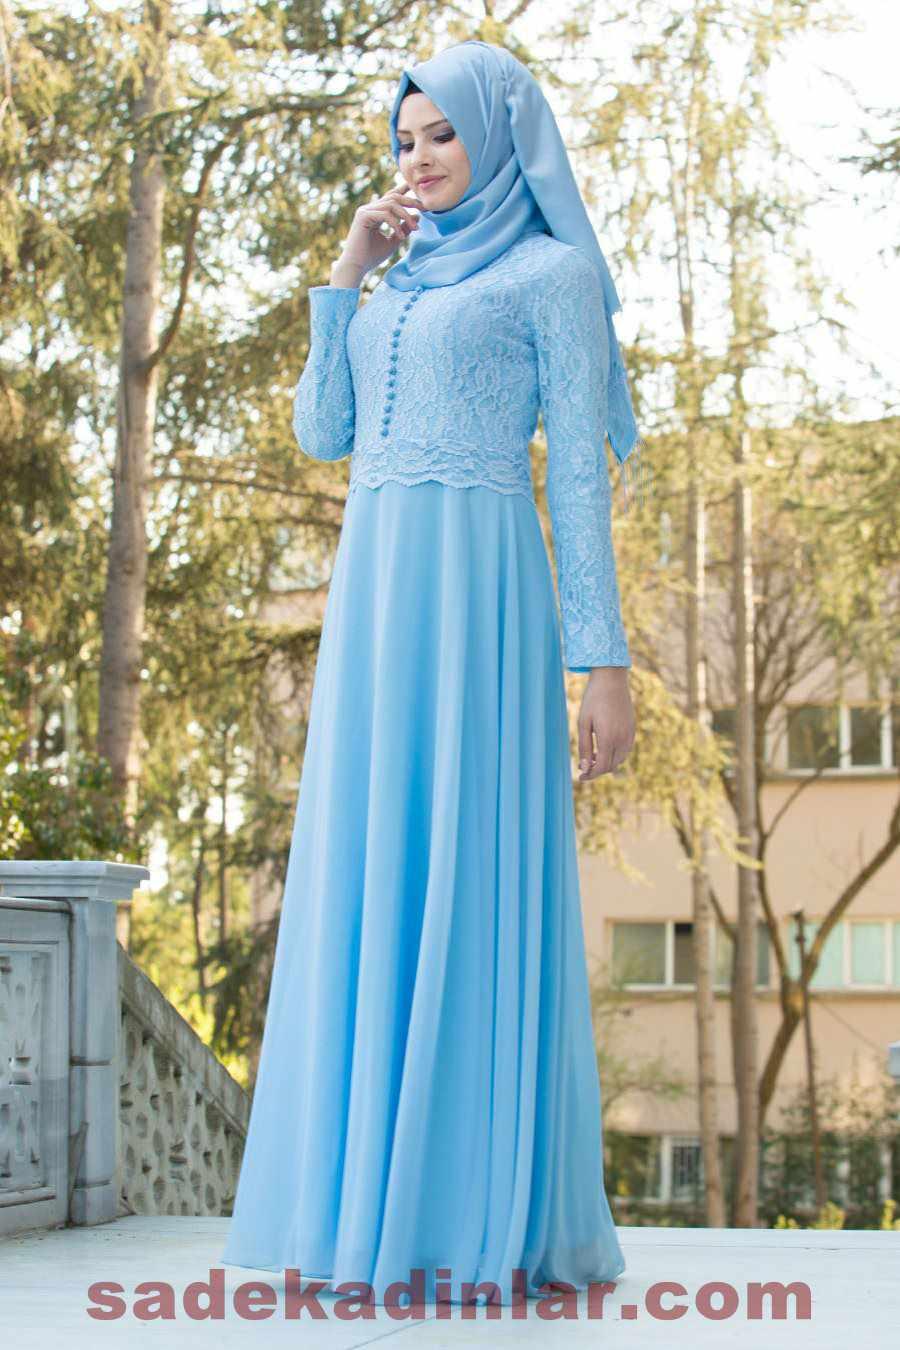 ecdd1d4add19c Tesettür Markaların En Güzel Abiye Modelleri 2019 | SadeKadınlar, Kıyafet  Kombinleri